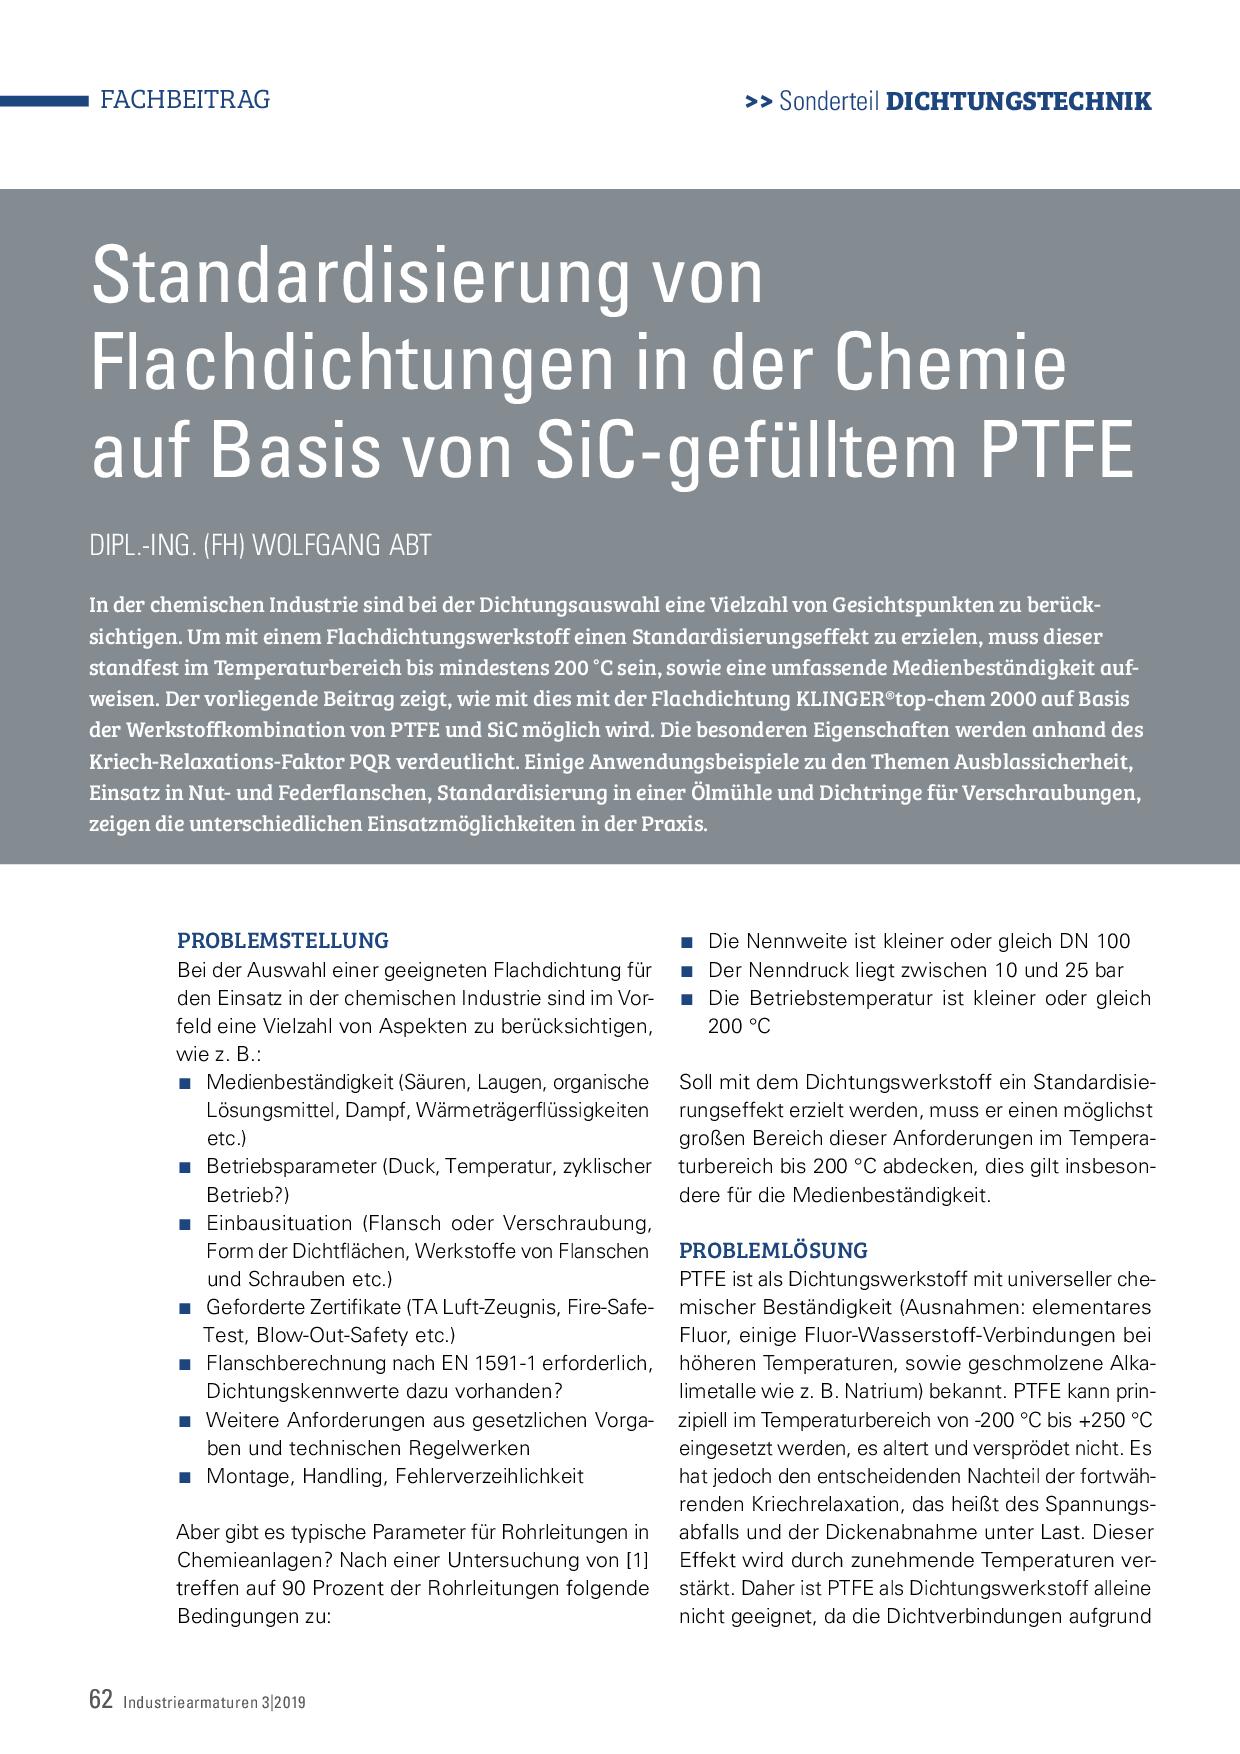 Standardisierung von Flachdichtungen in der Chemie auf Basis von SiC-gefülltem PTFE